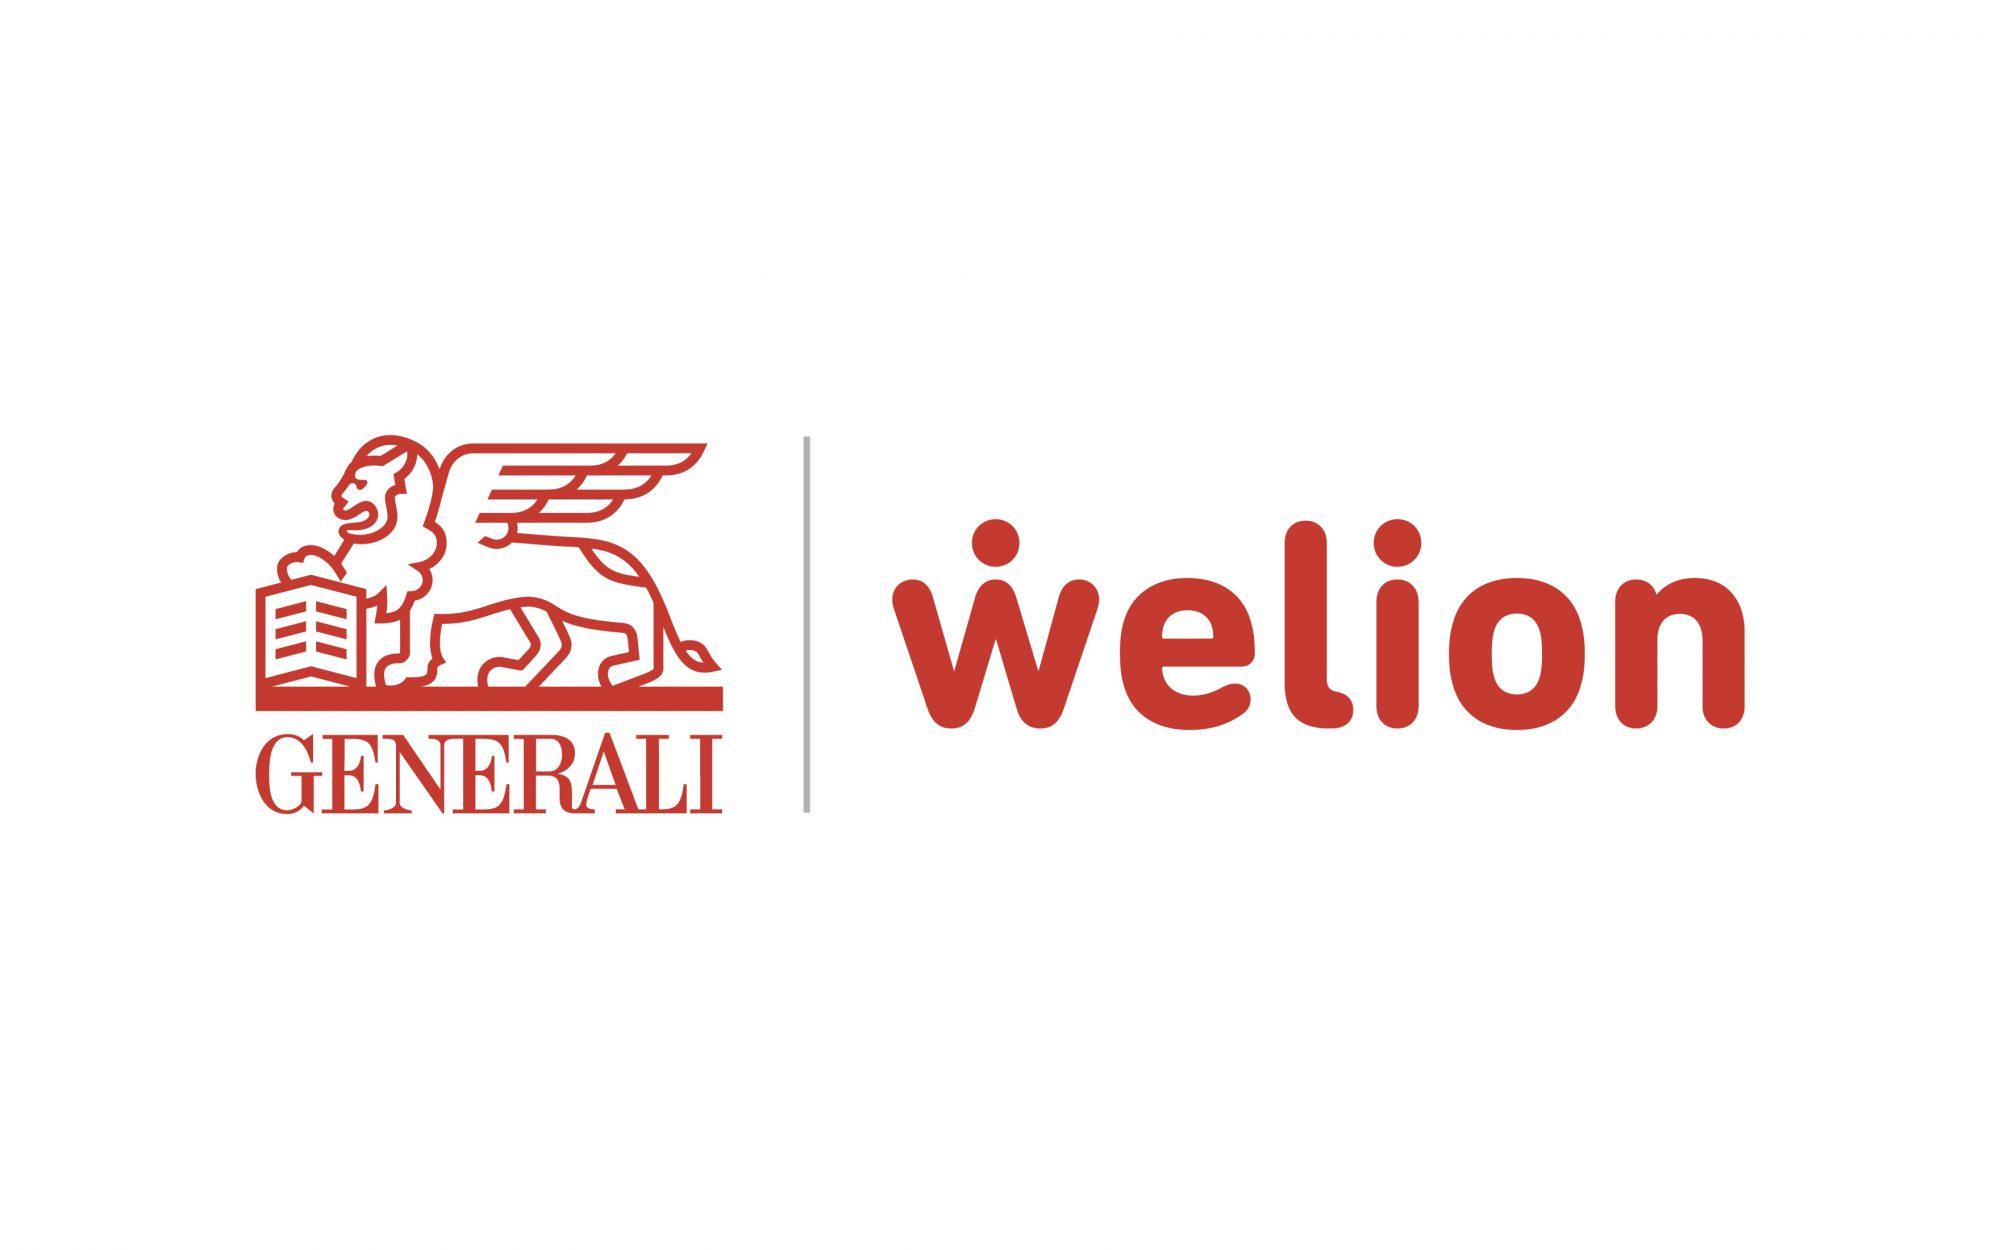 Nasce Generali Welion, società di welfare integrato per famiglie, imprese e lavoratori